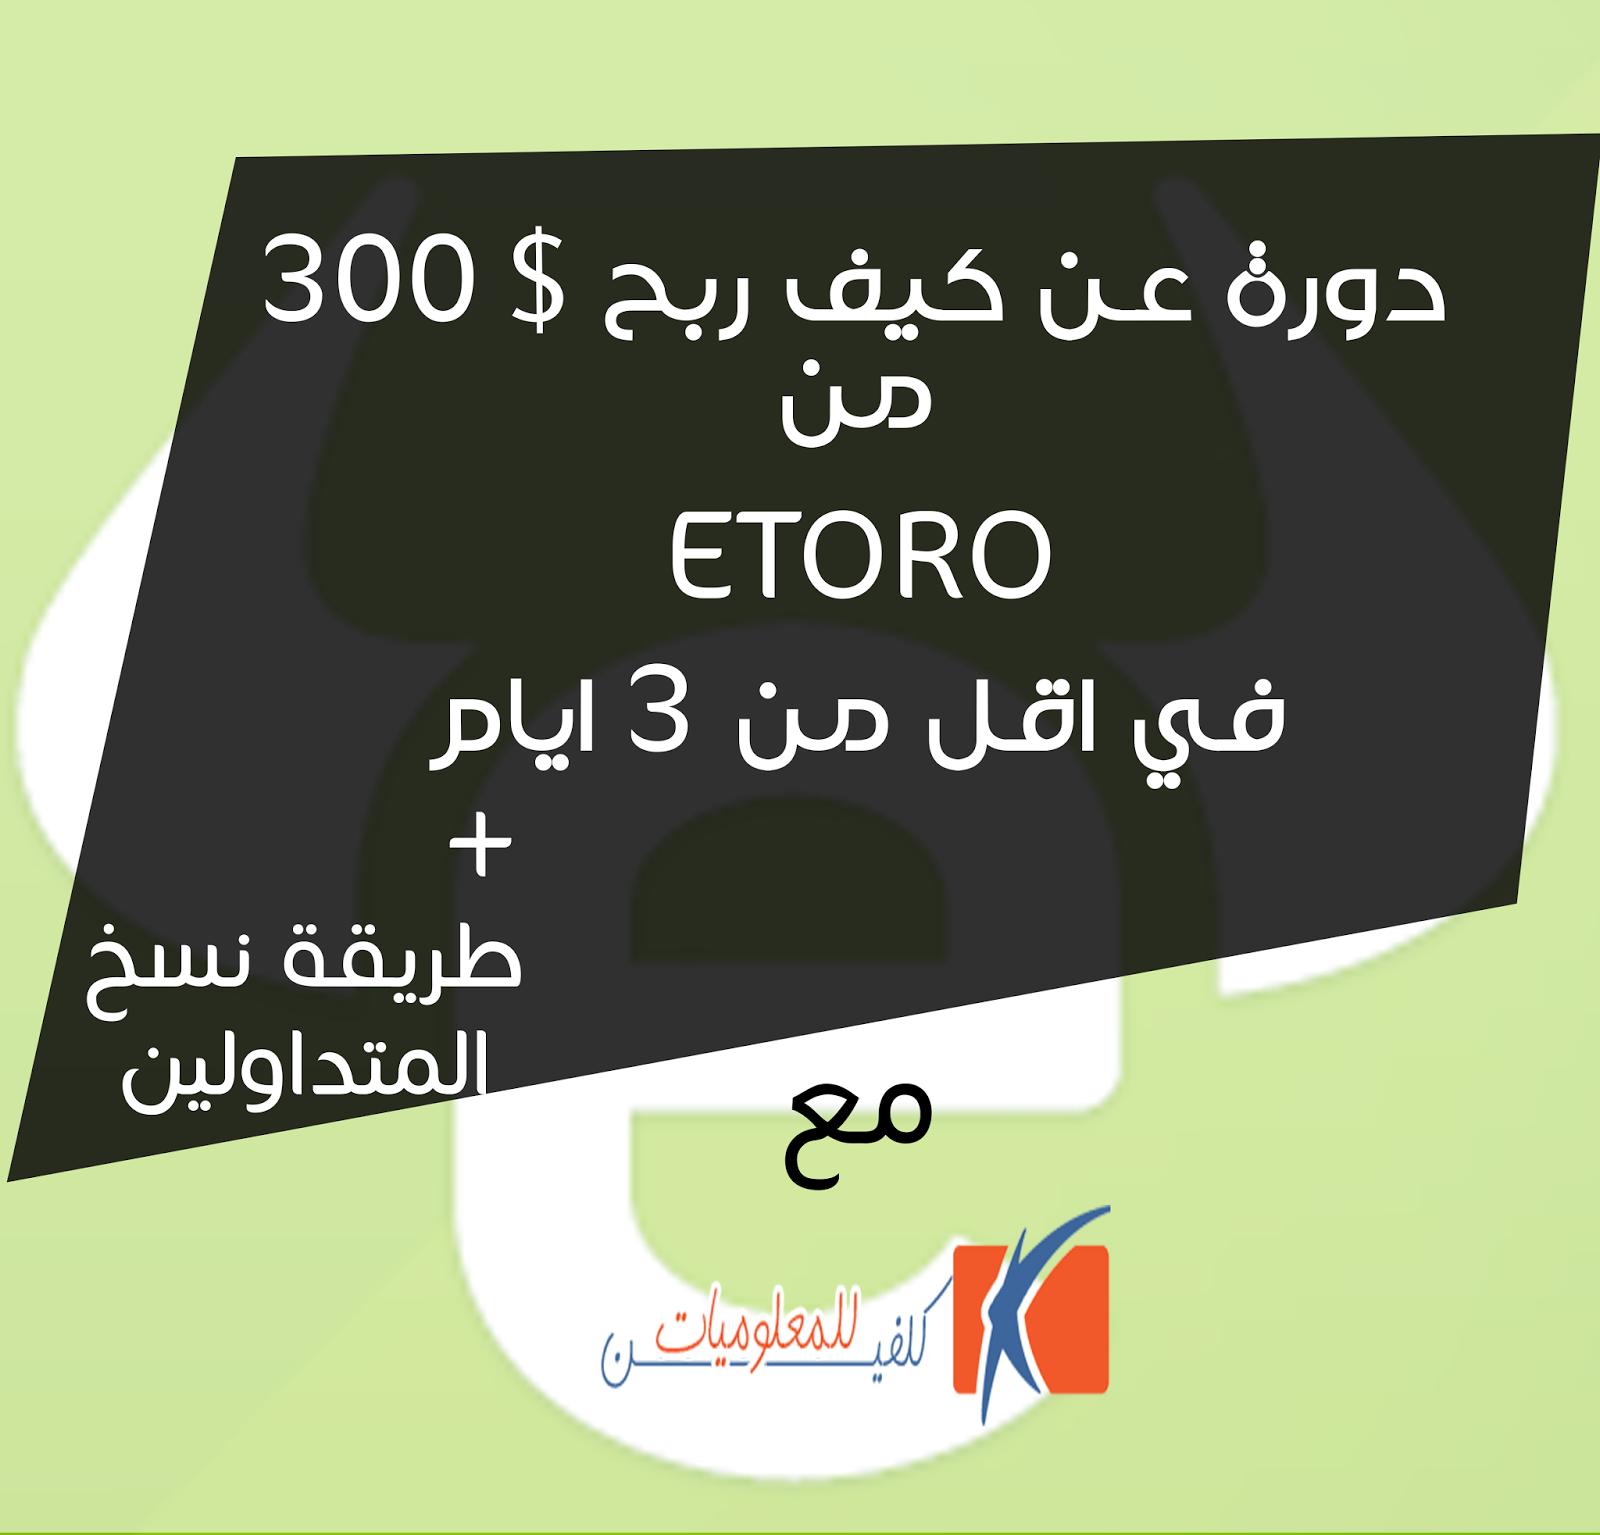 كيف ربح الاخ يونس  300 من Etoro في اقل من 3 ايام + هدية لربح 100 دولار